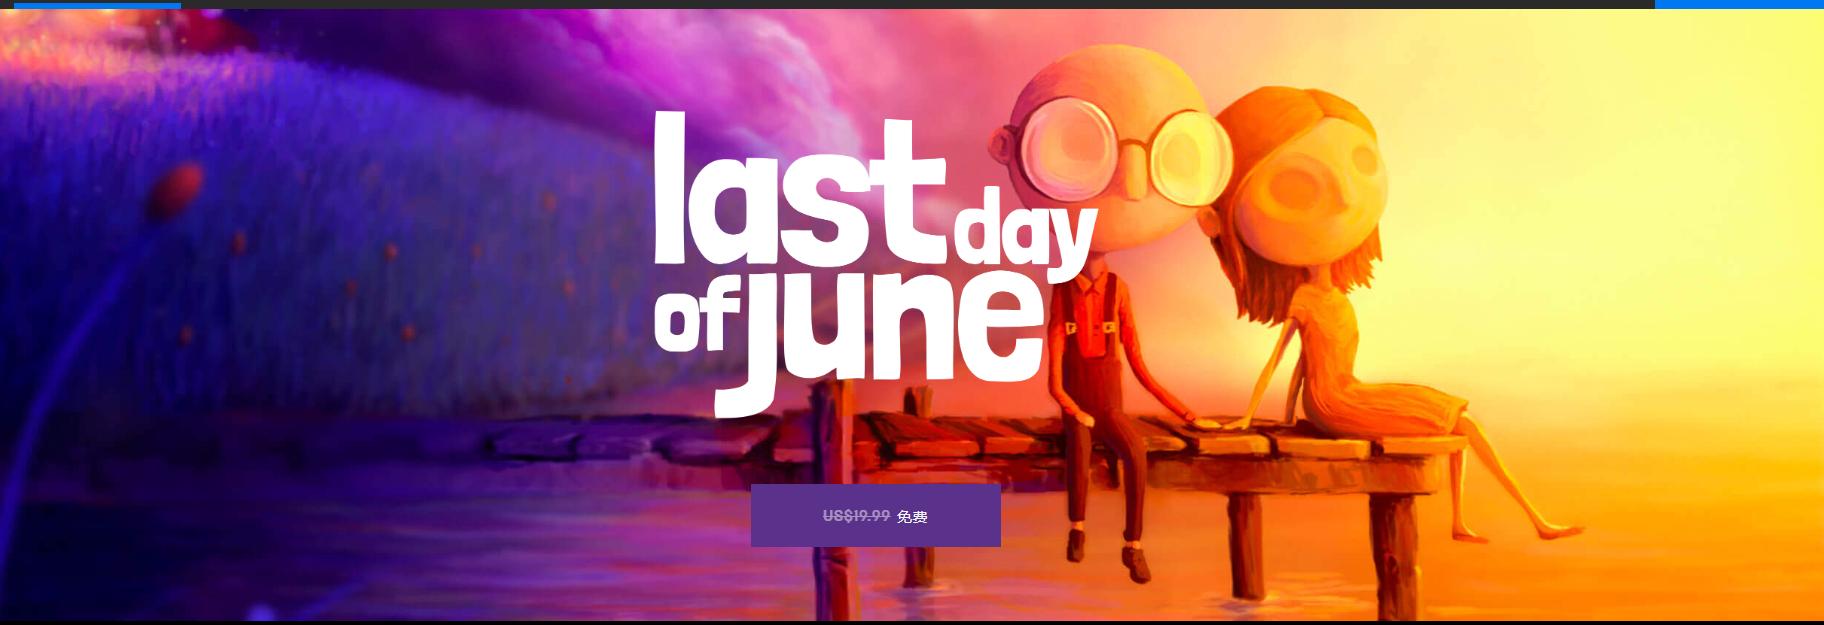 育碧喜加一:游戏商店免费领取《琼的最后一天》-福禄吧